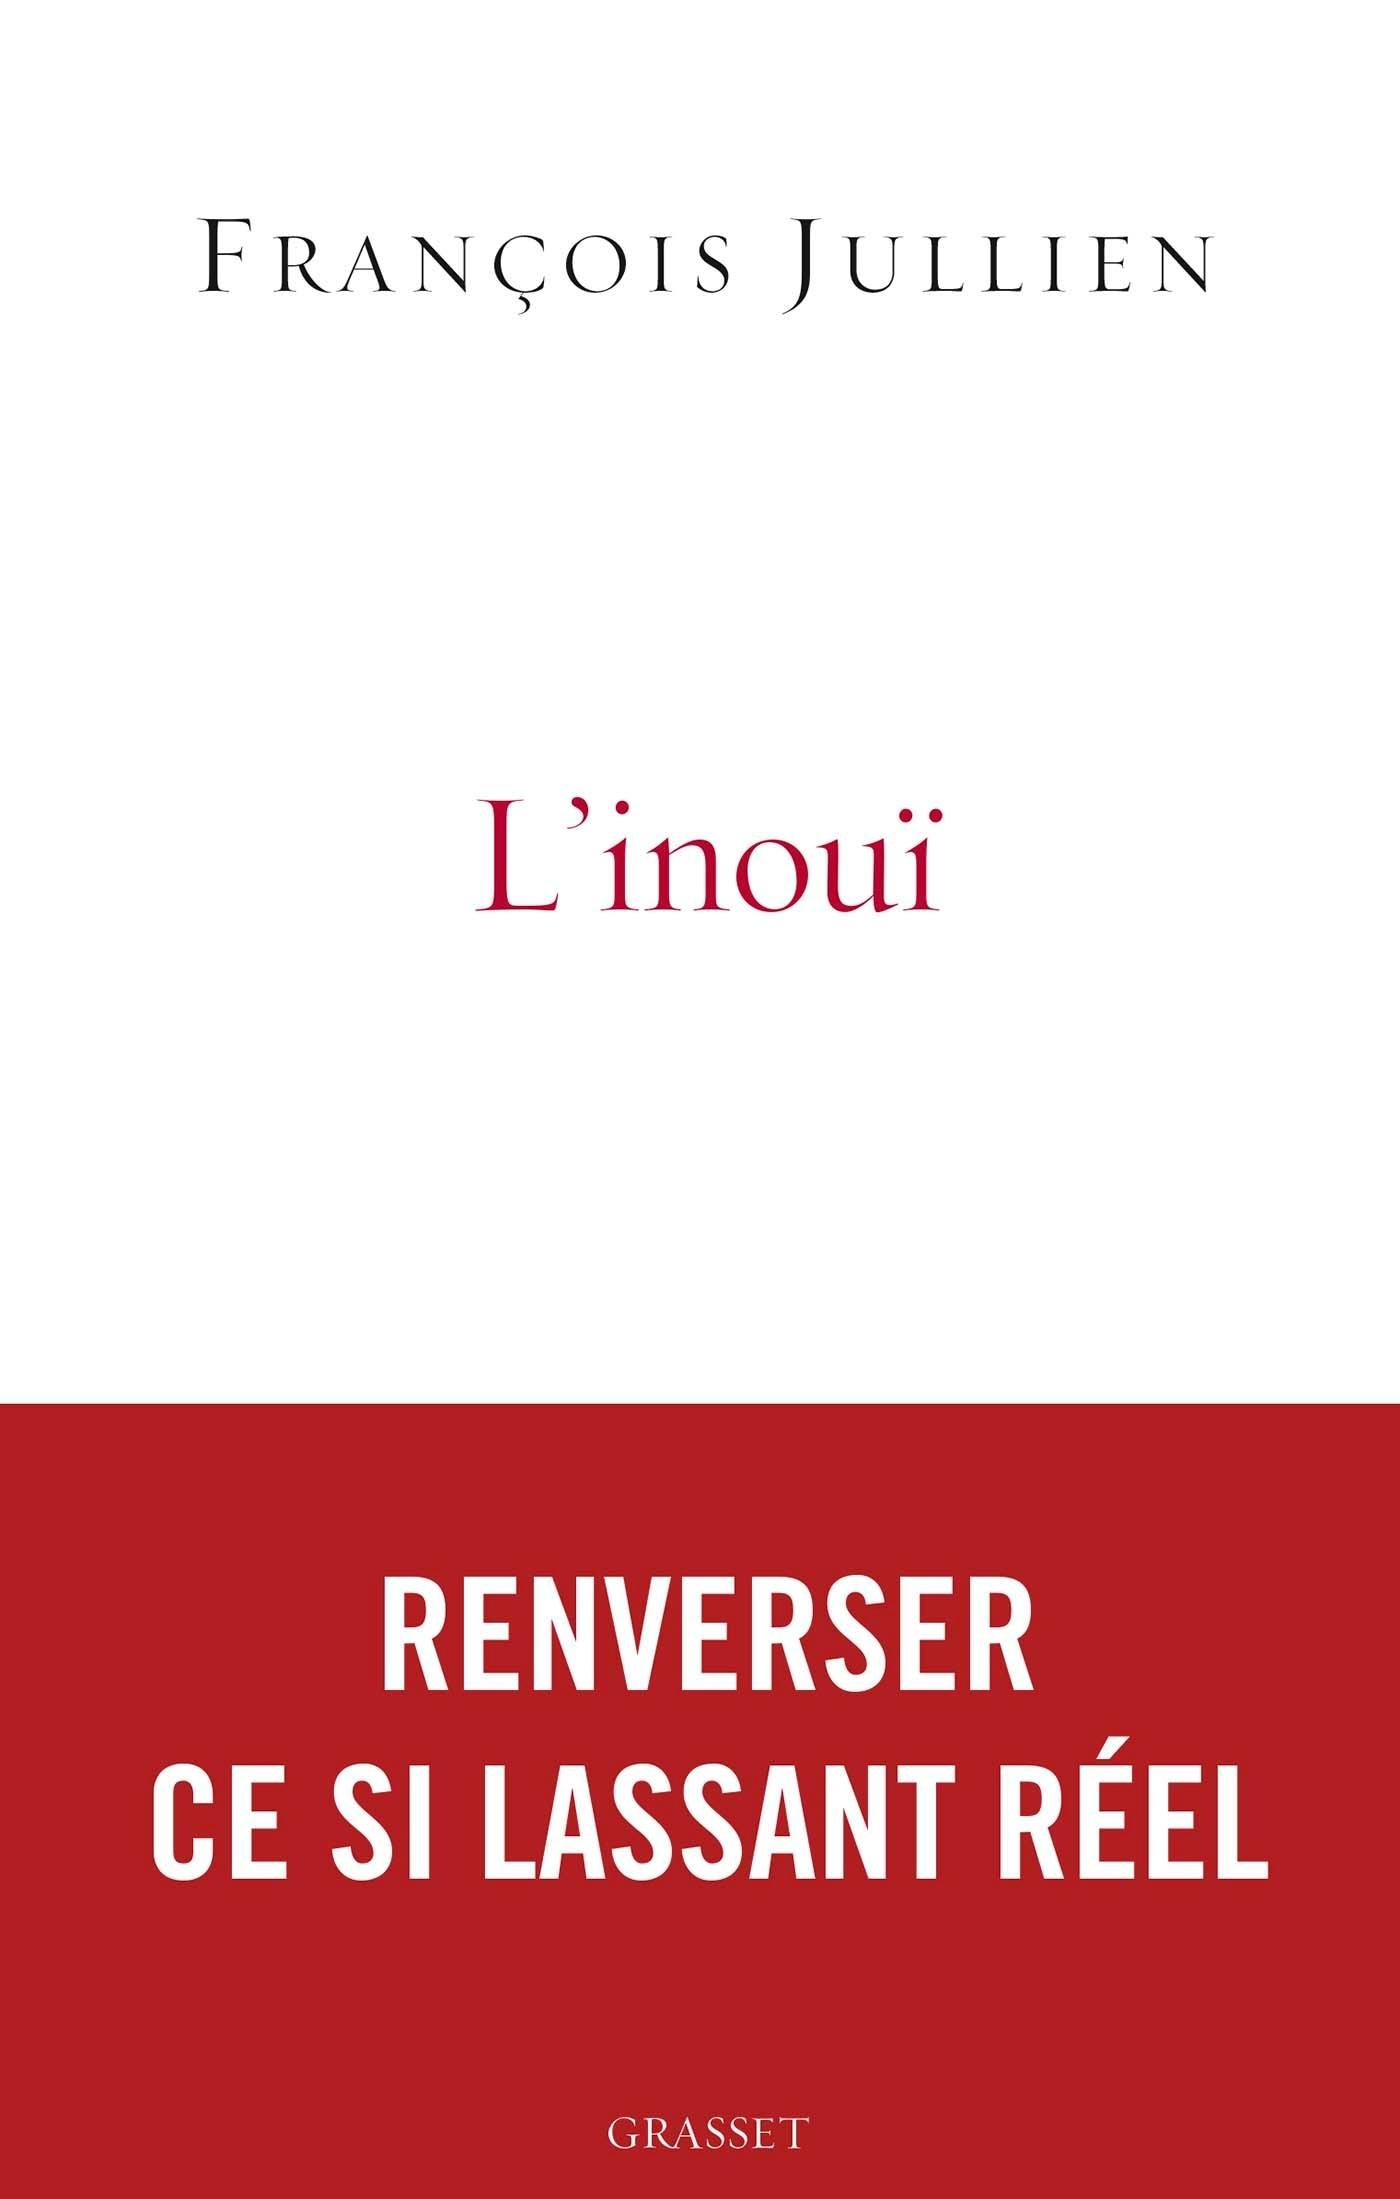 L'INOUI - OU L'AUTRE NOM DE CE SI LASSANT REEL